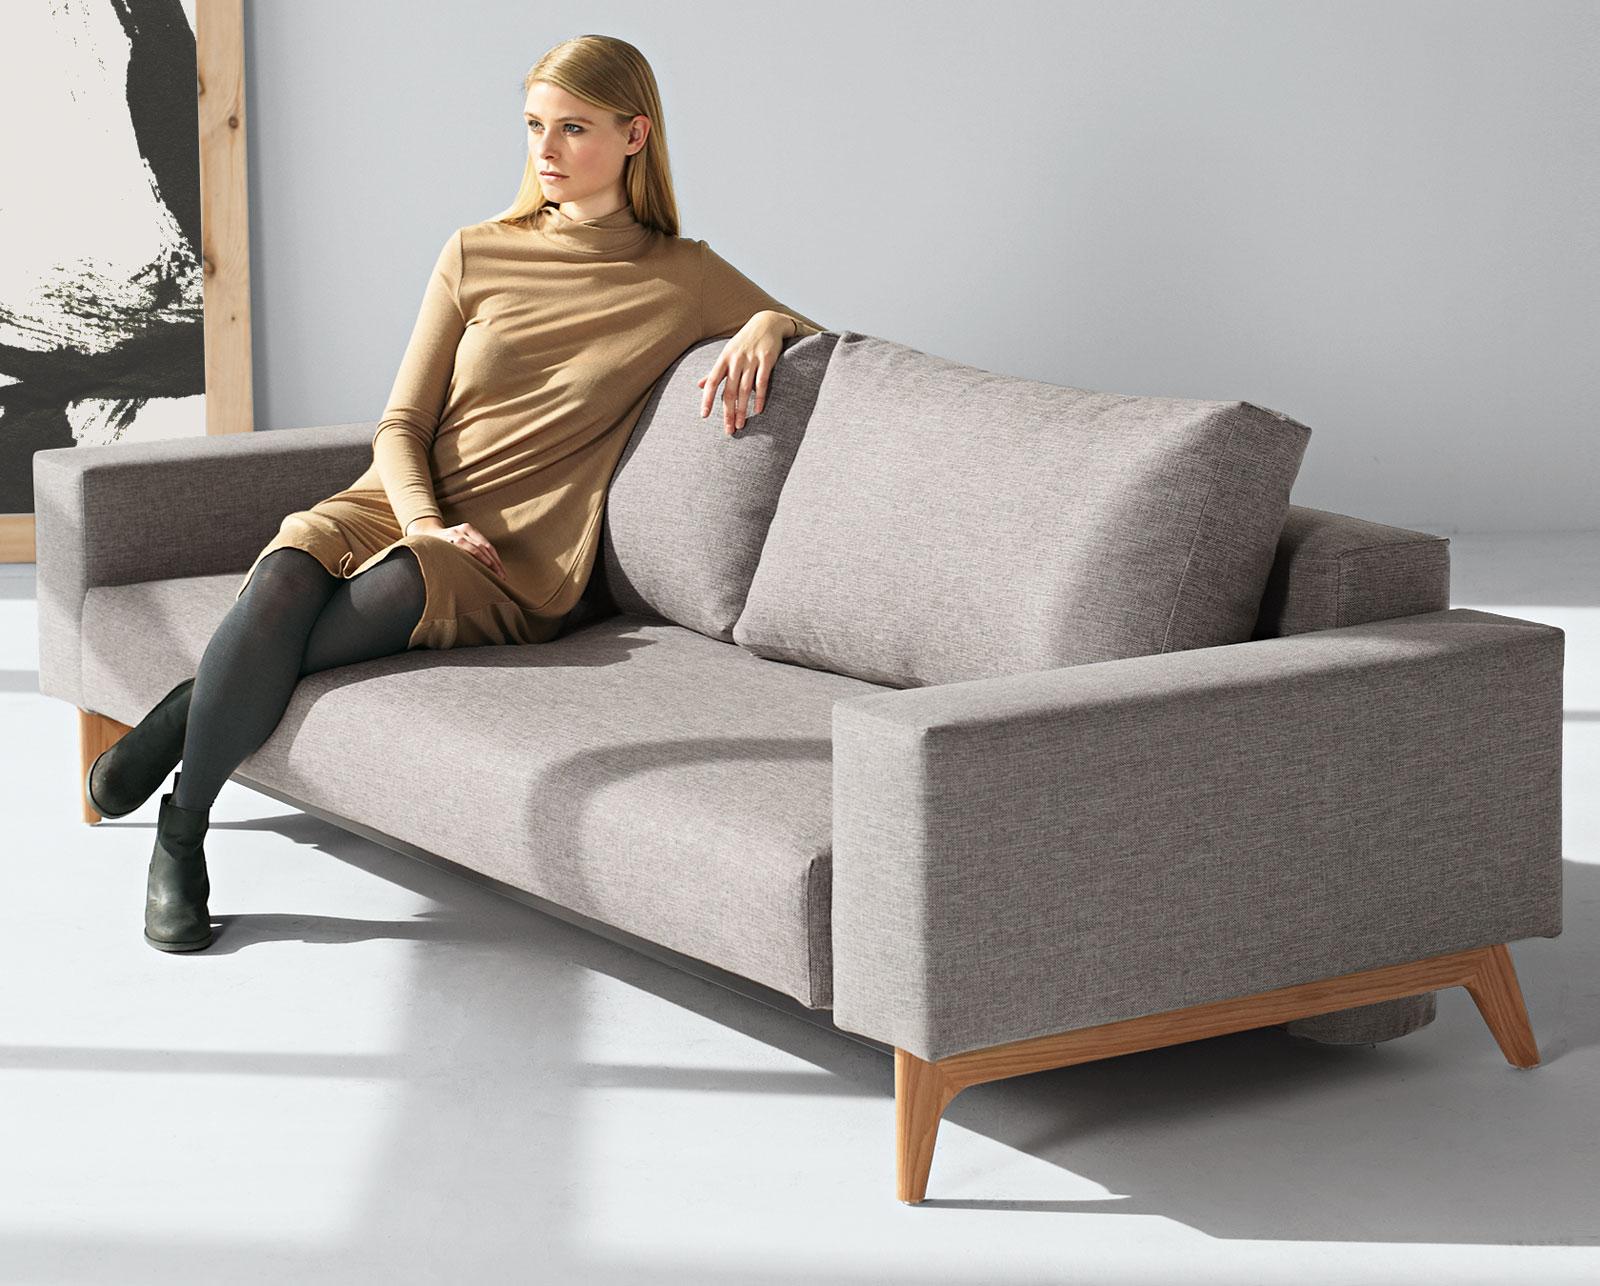 designer schlafsofa mit federkern und bettkastentuch derby. Black Bedroom Furniture Sets. Home Design Ideas